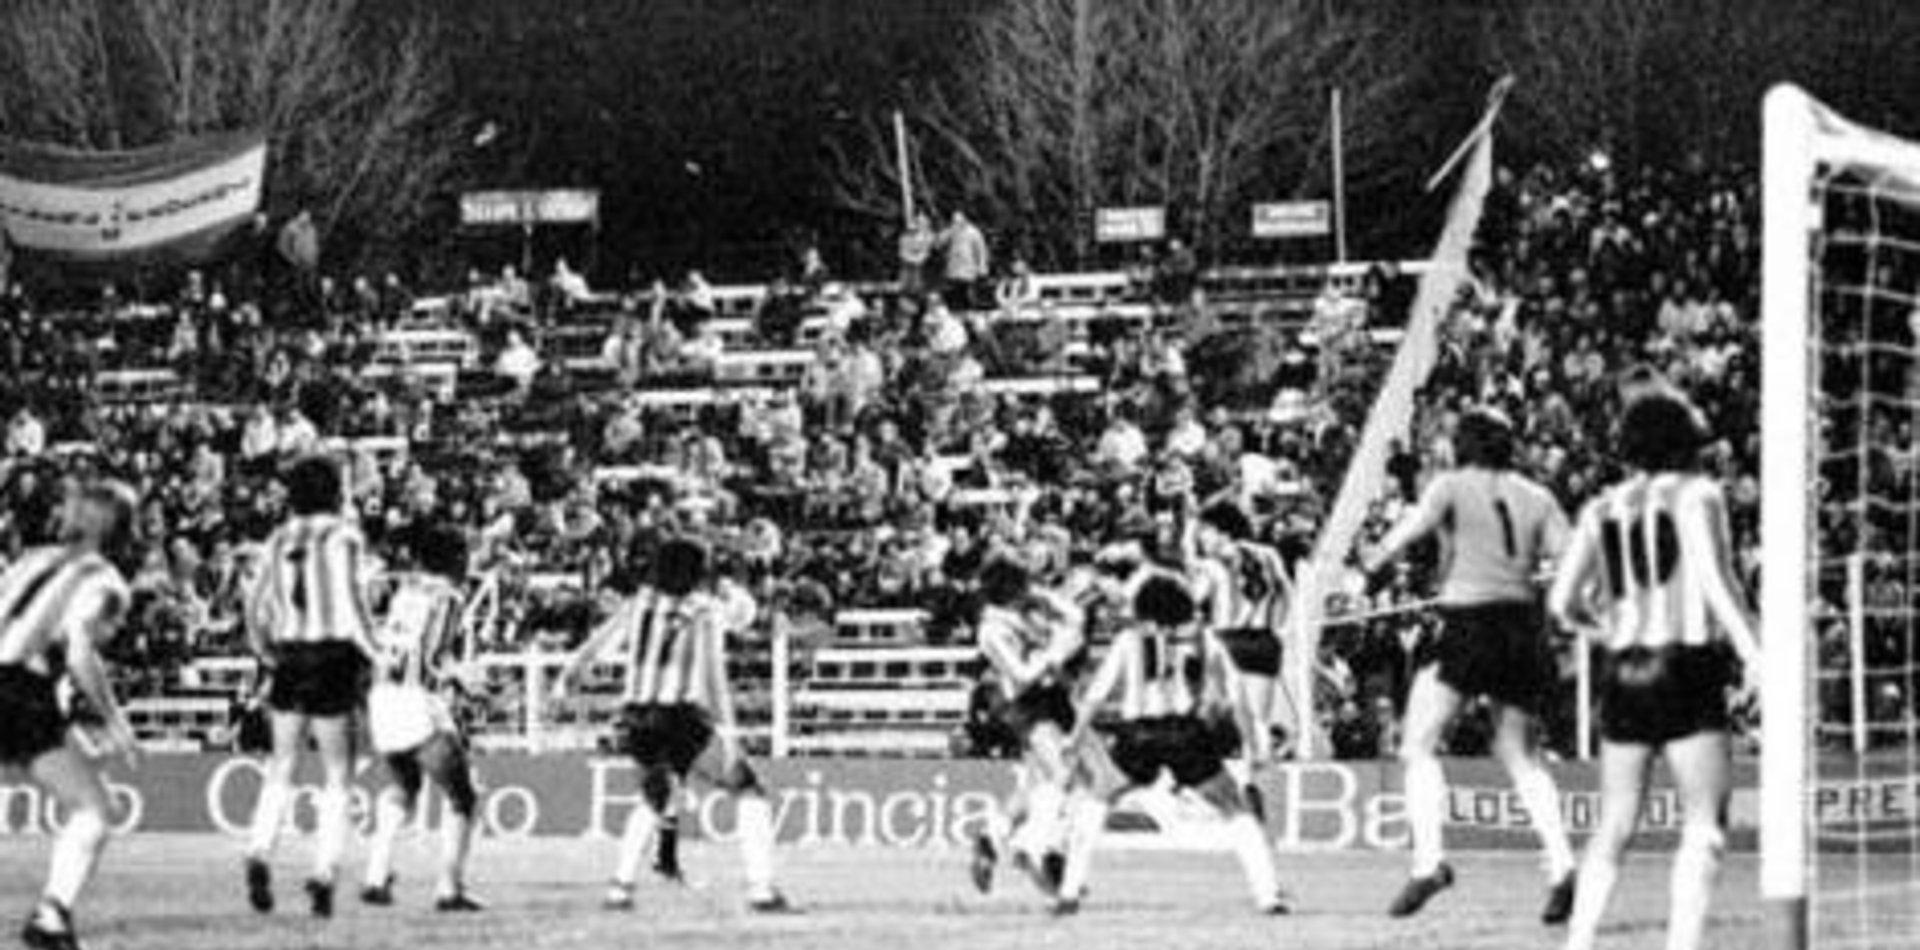 Estudiantes vs. Gremio: la batalla épica de 1983, en video y con relato de Víctor Hugo